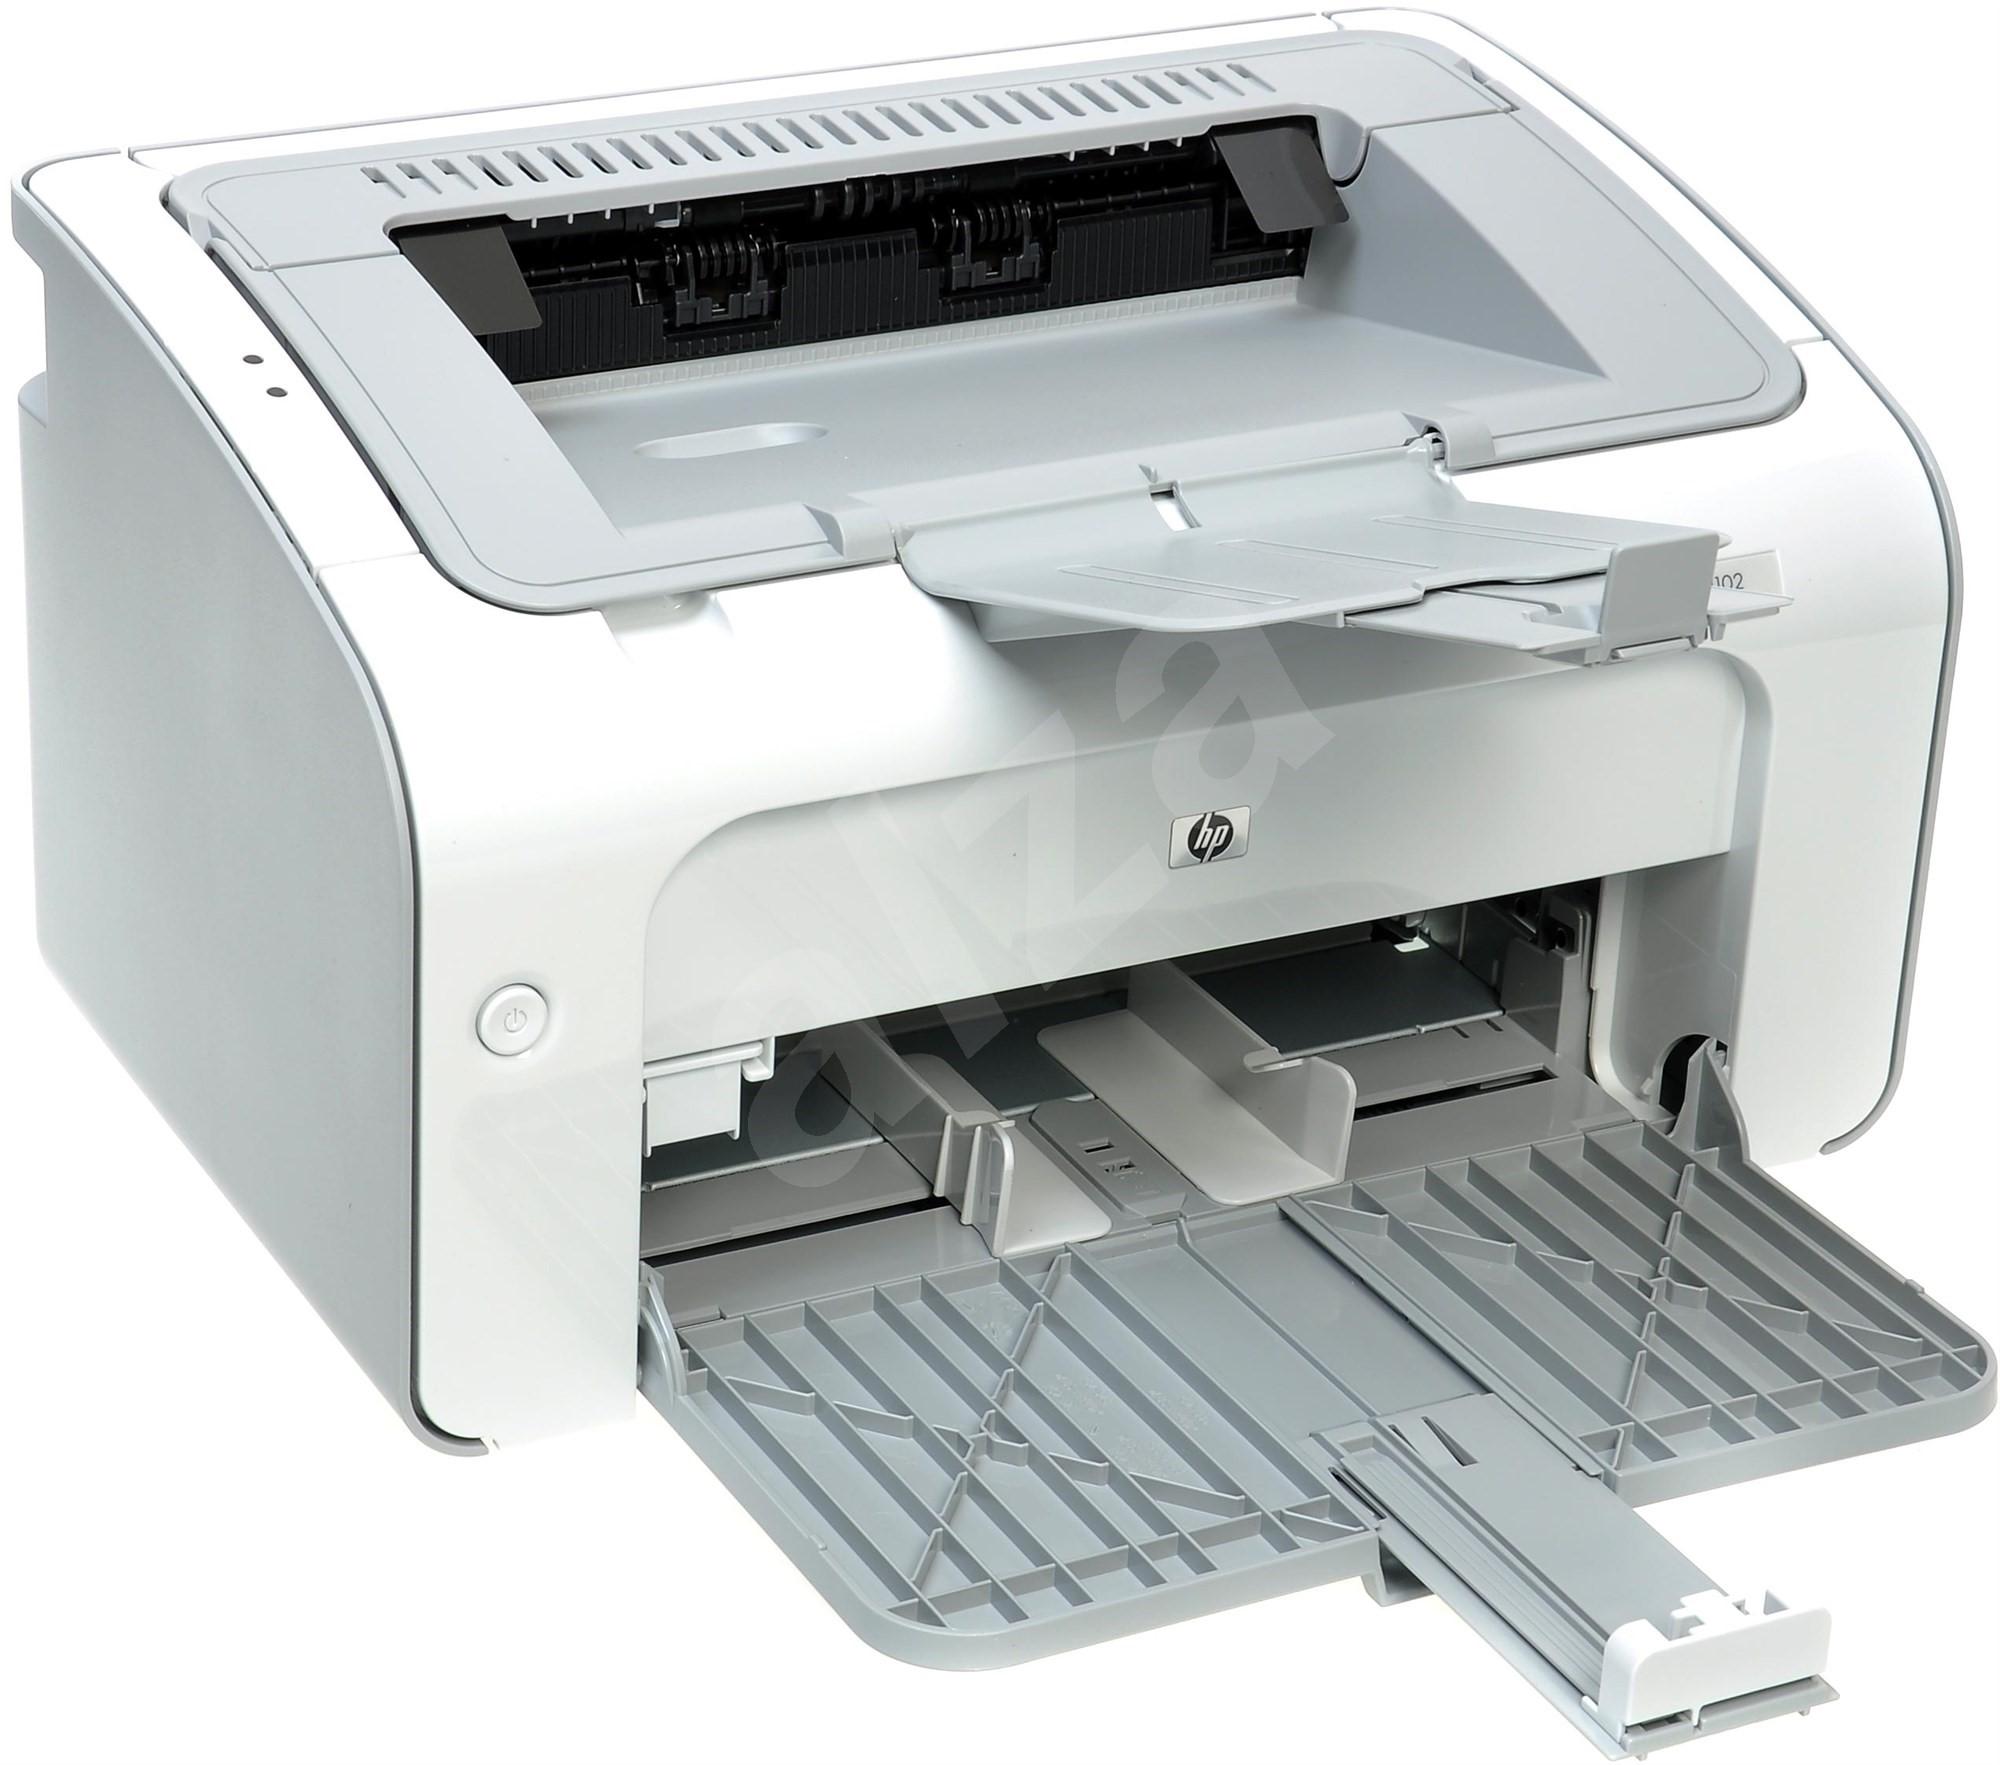 hp laserjet pro p1102 laser printer. Black Bedroom Furniture Sets. Home Design Ideas